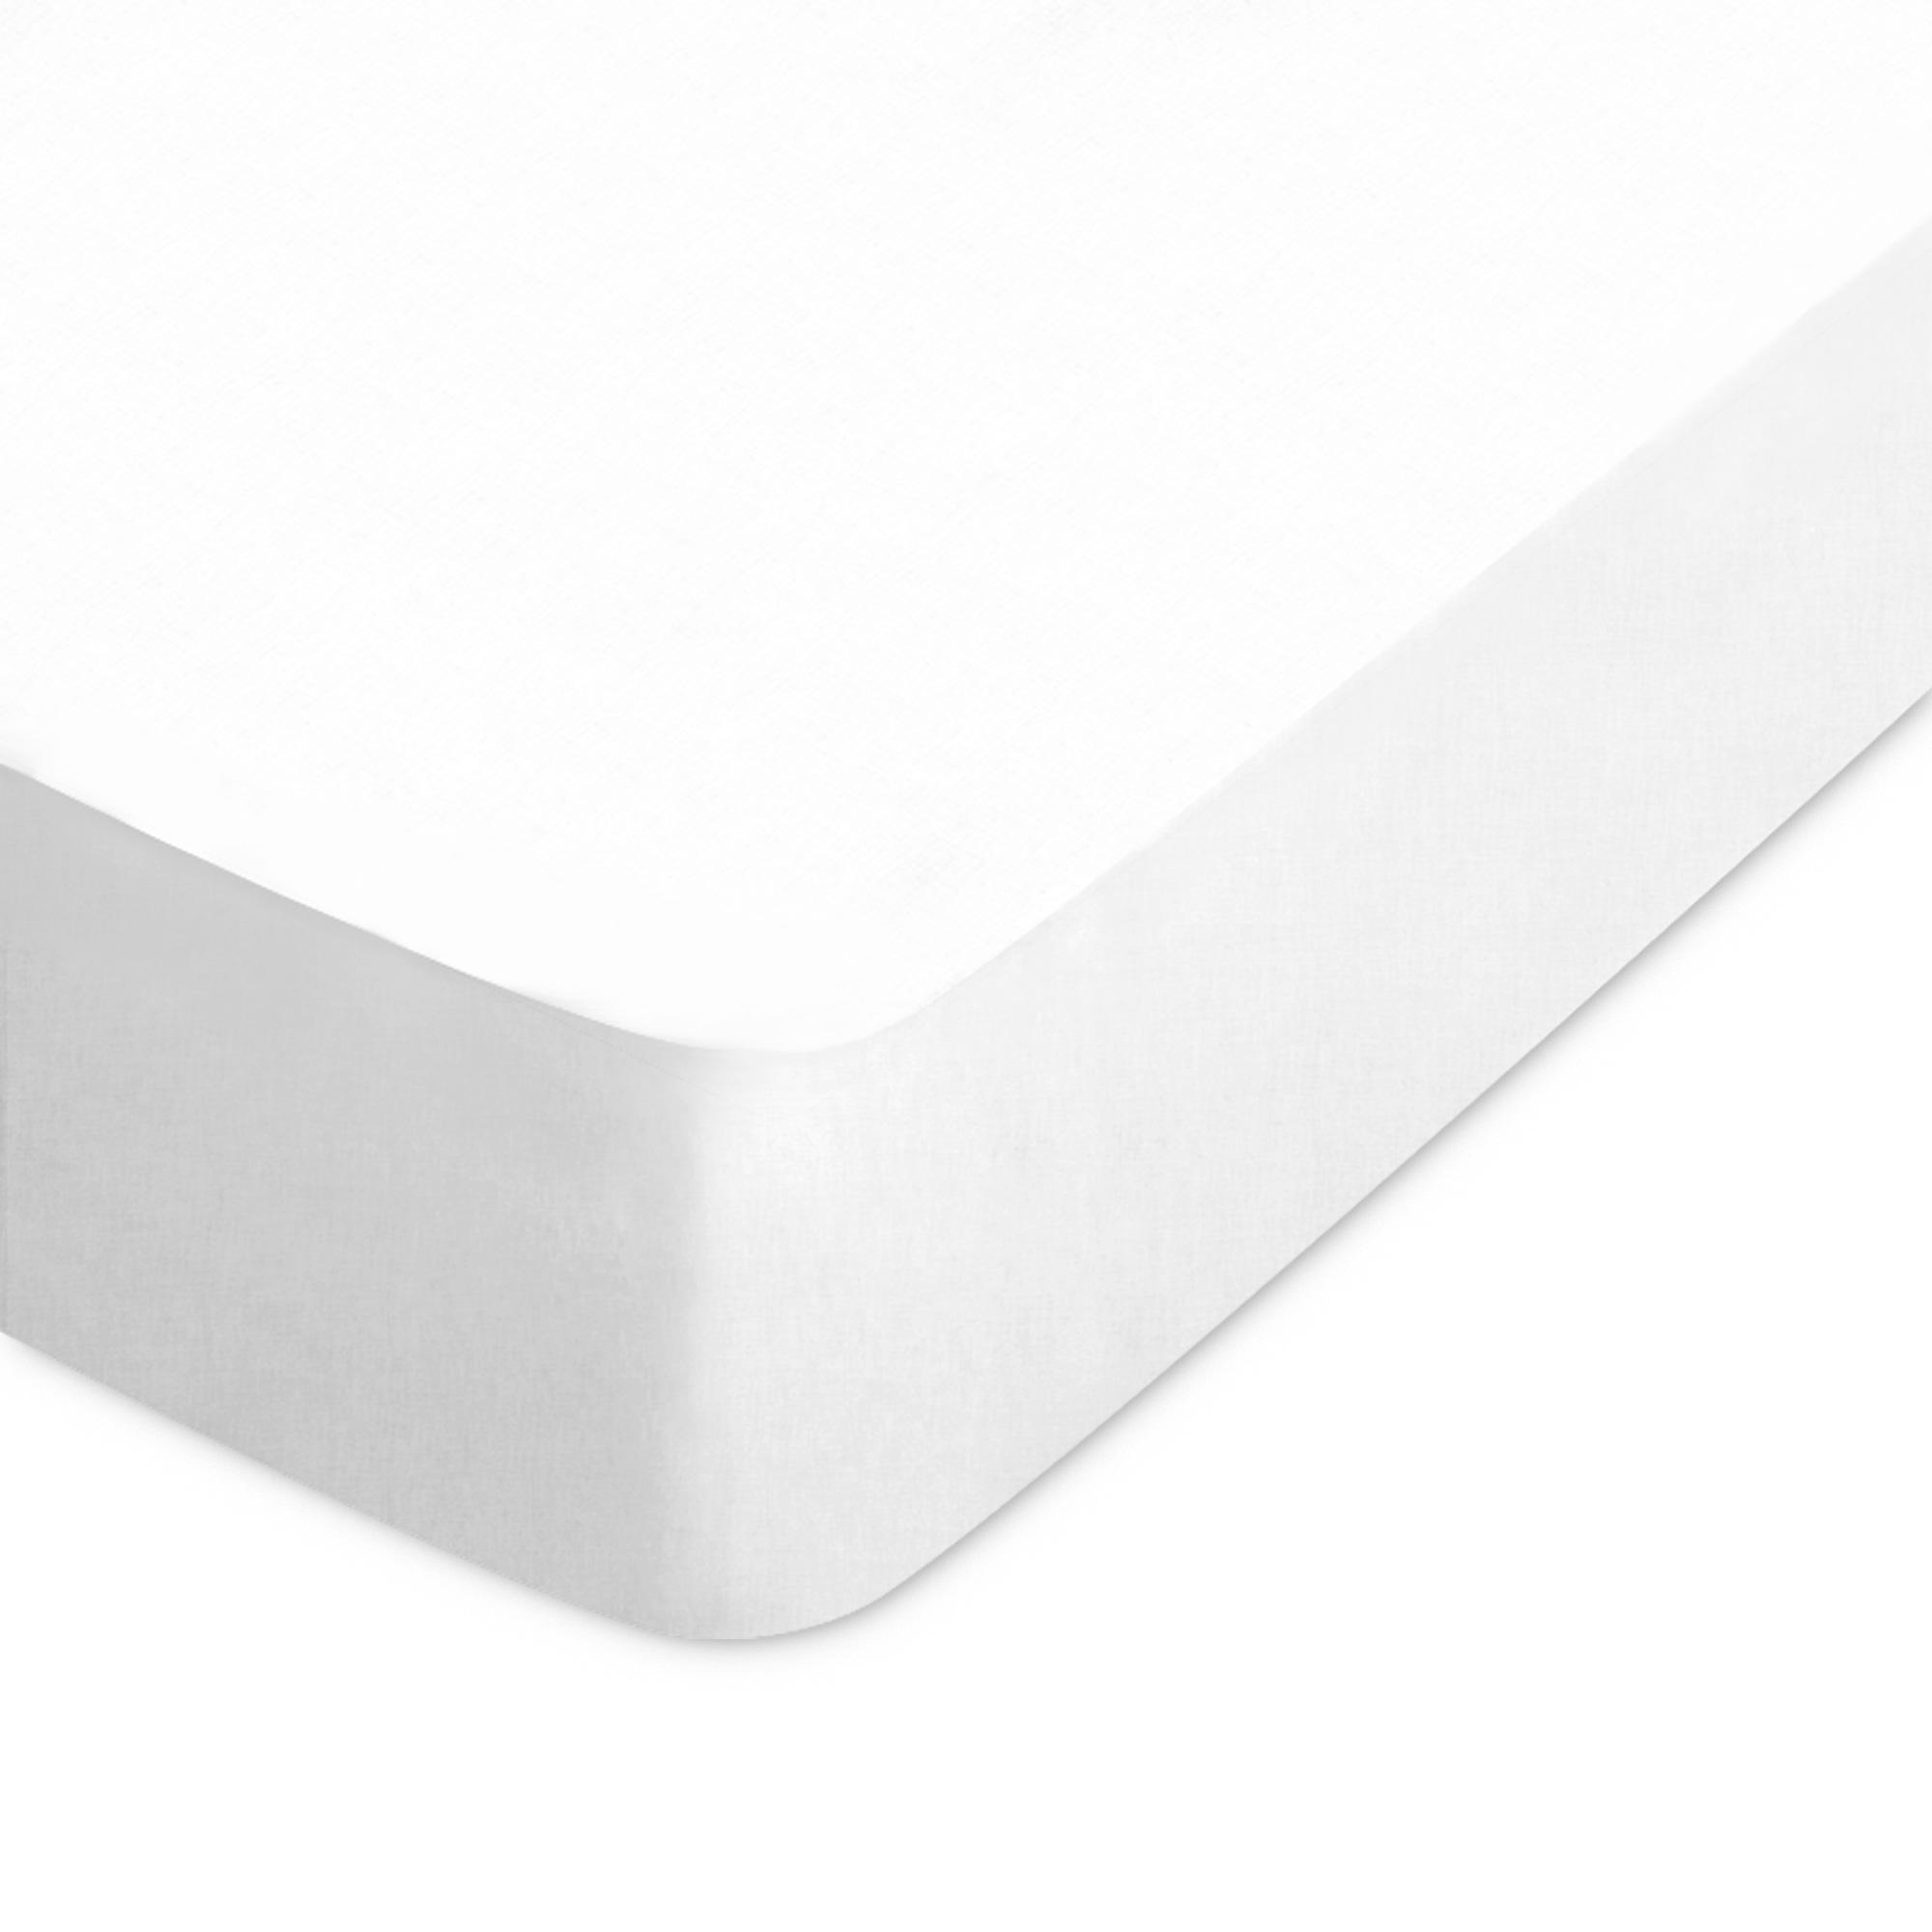 drap housse 200x210 Drap housse 200x210cm uni pur coton ALTO Blanc | Linnea vente de  drap housse 200x210